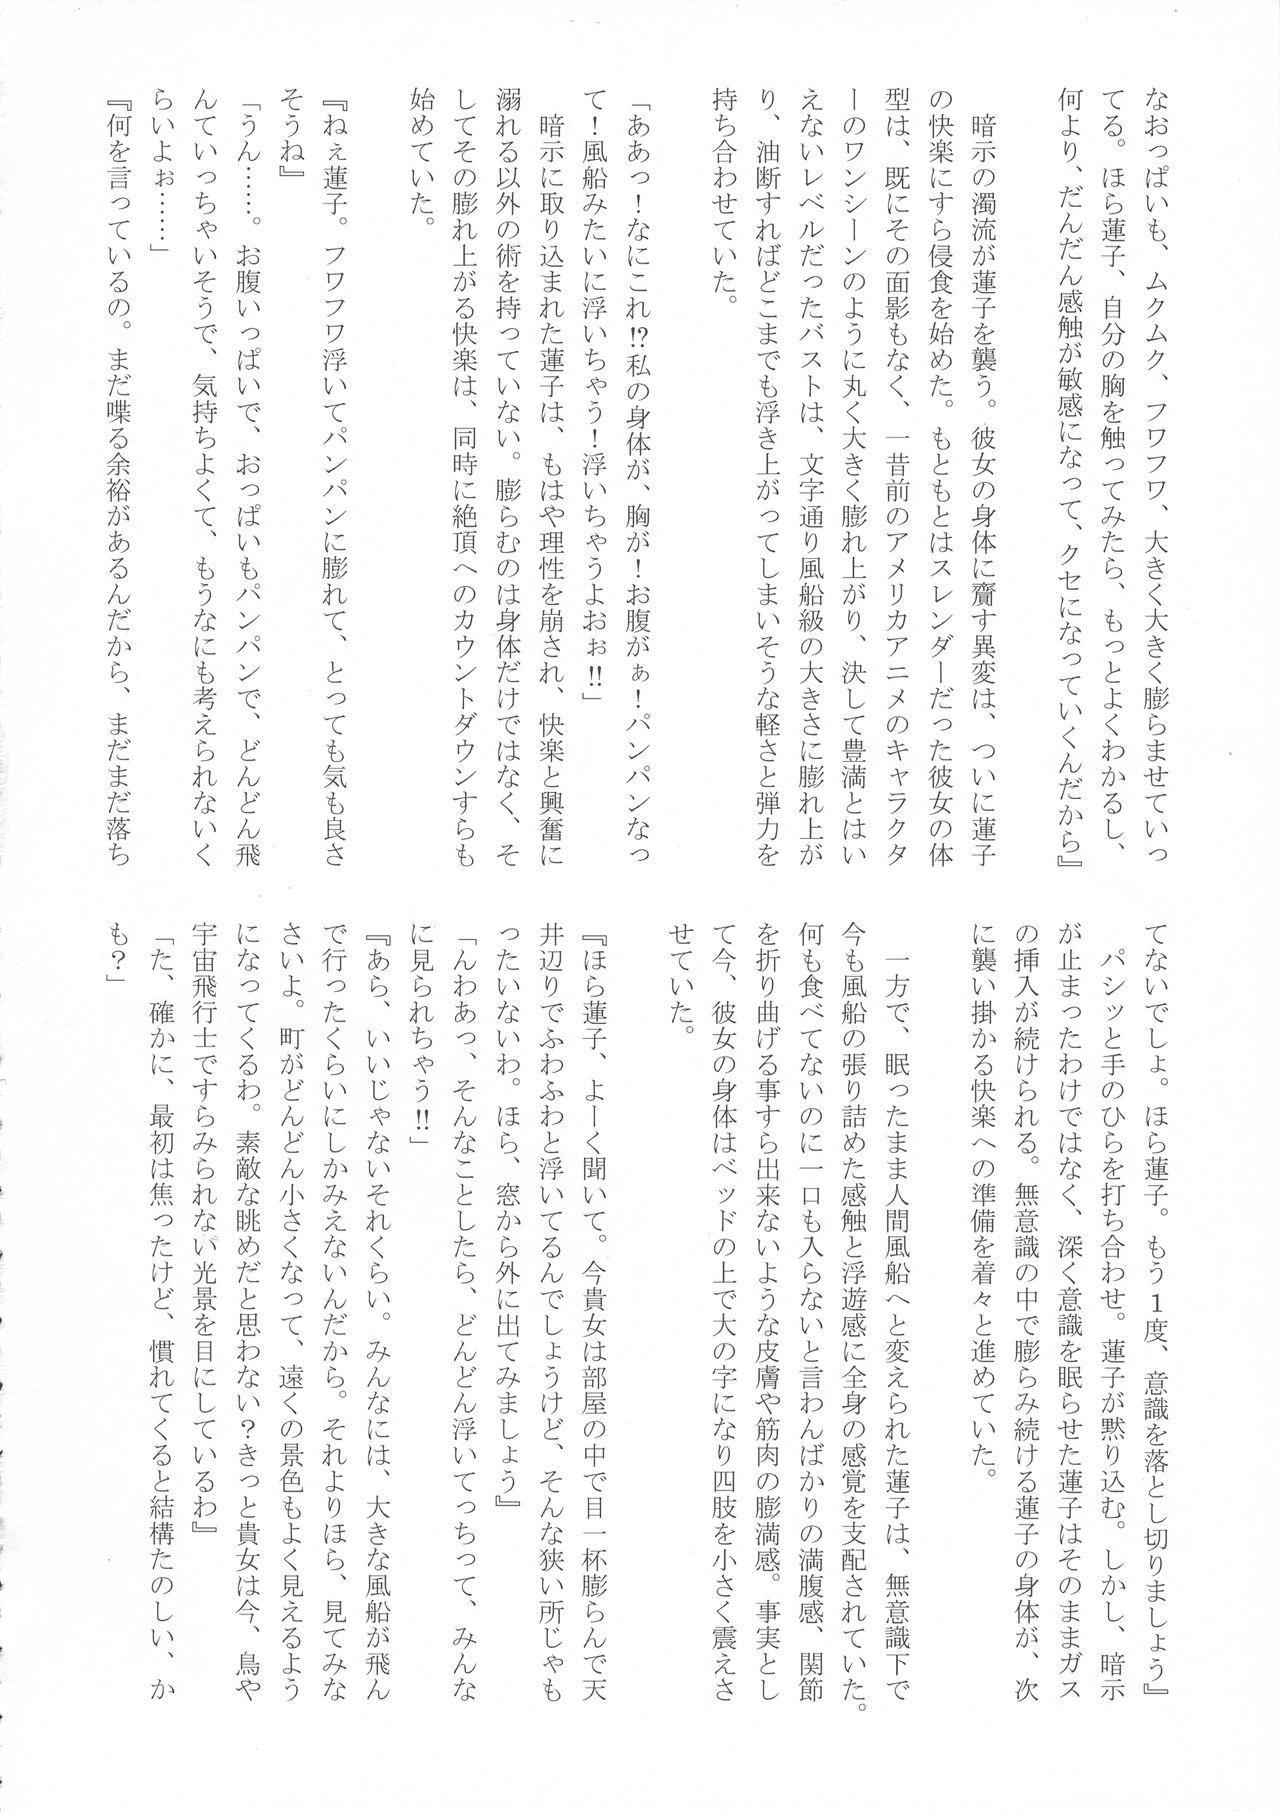 (Reitaisai 15) [HORIC WORKS (Various)] Touhou Bouchou-kei Sougou Goudou-shi `Boujo 2!!!!!!!!' (Touhou Project) 80